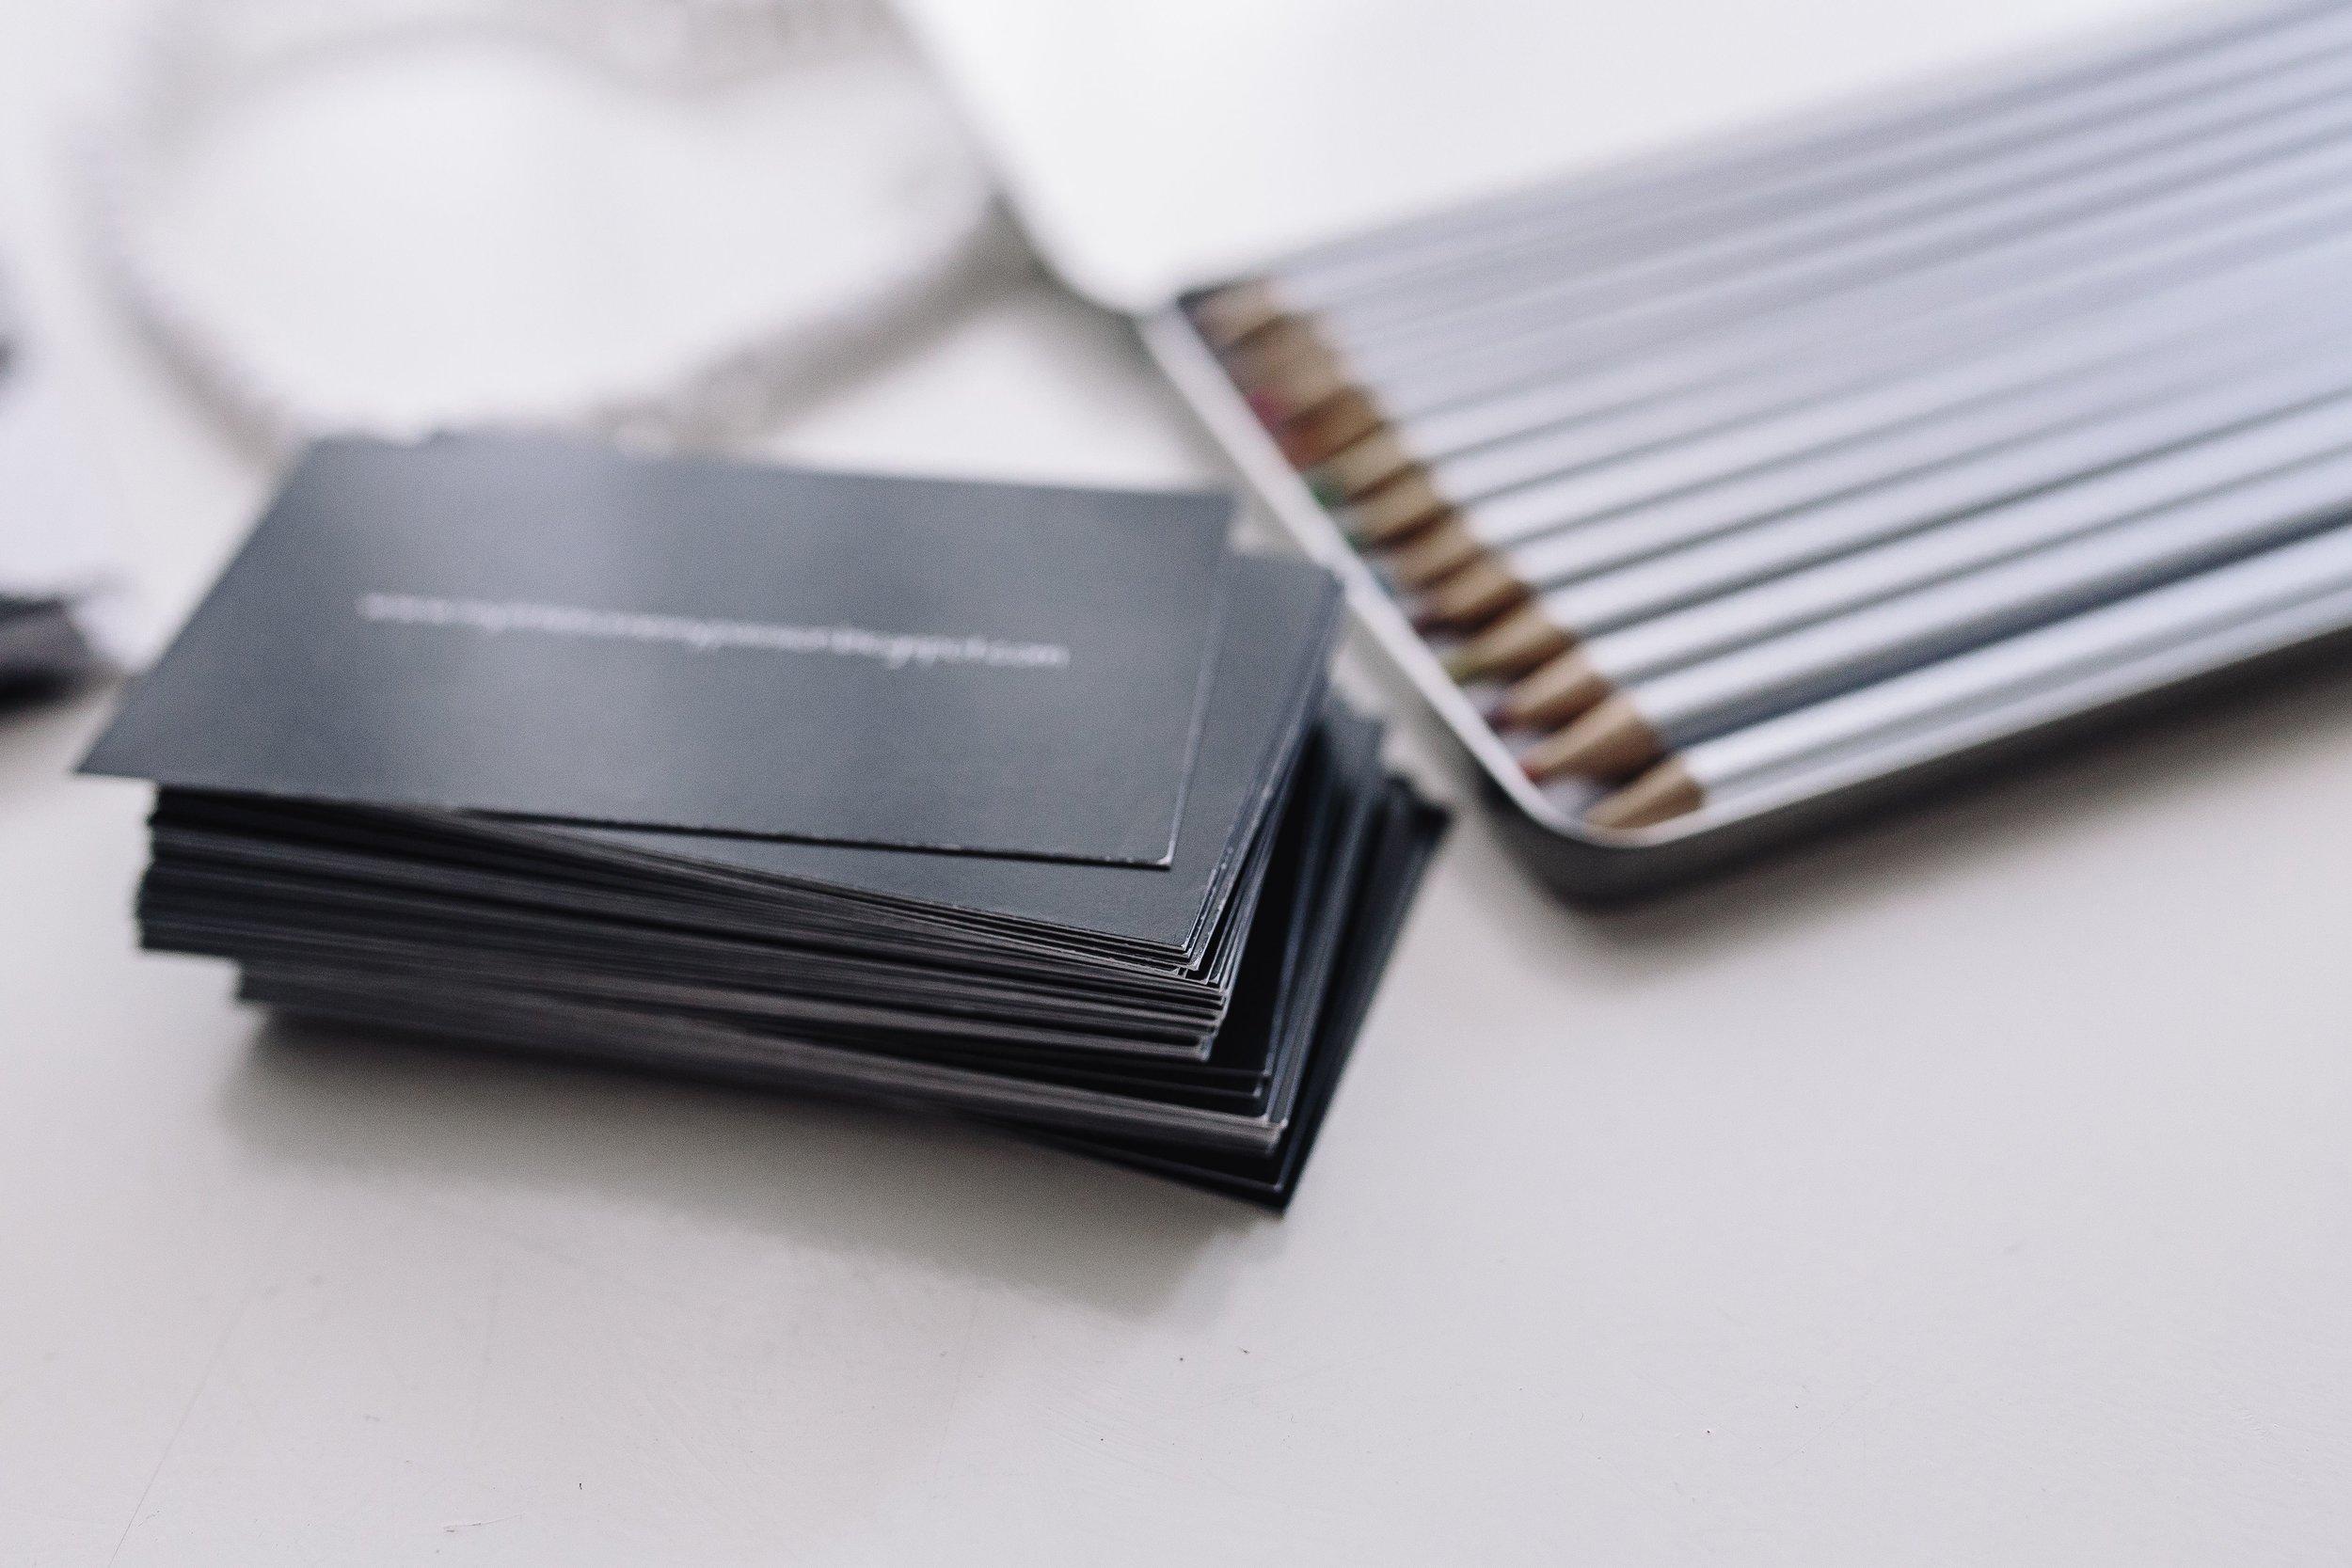 kaboompics_Silver crayons in a box.jpg